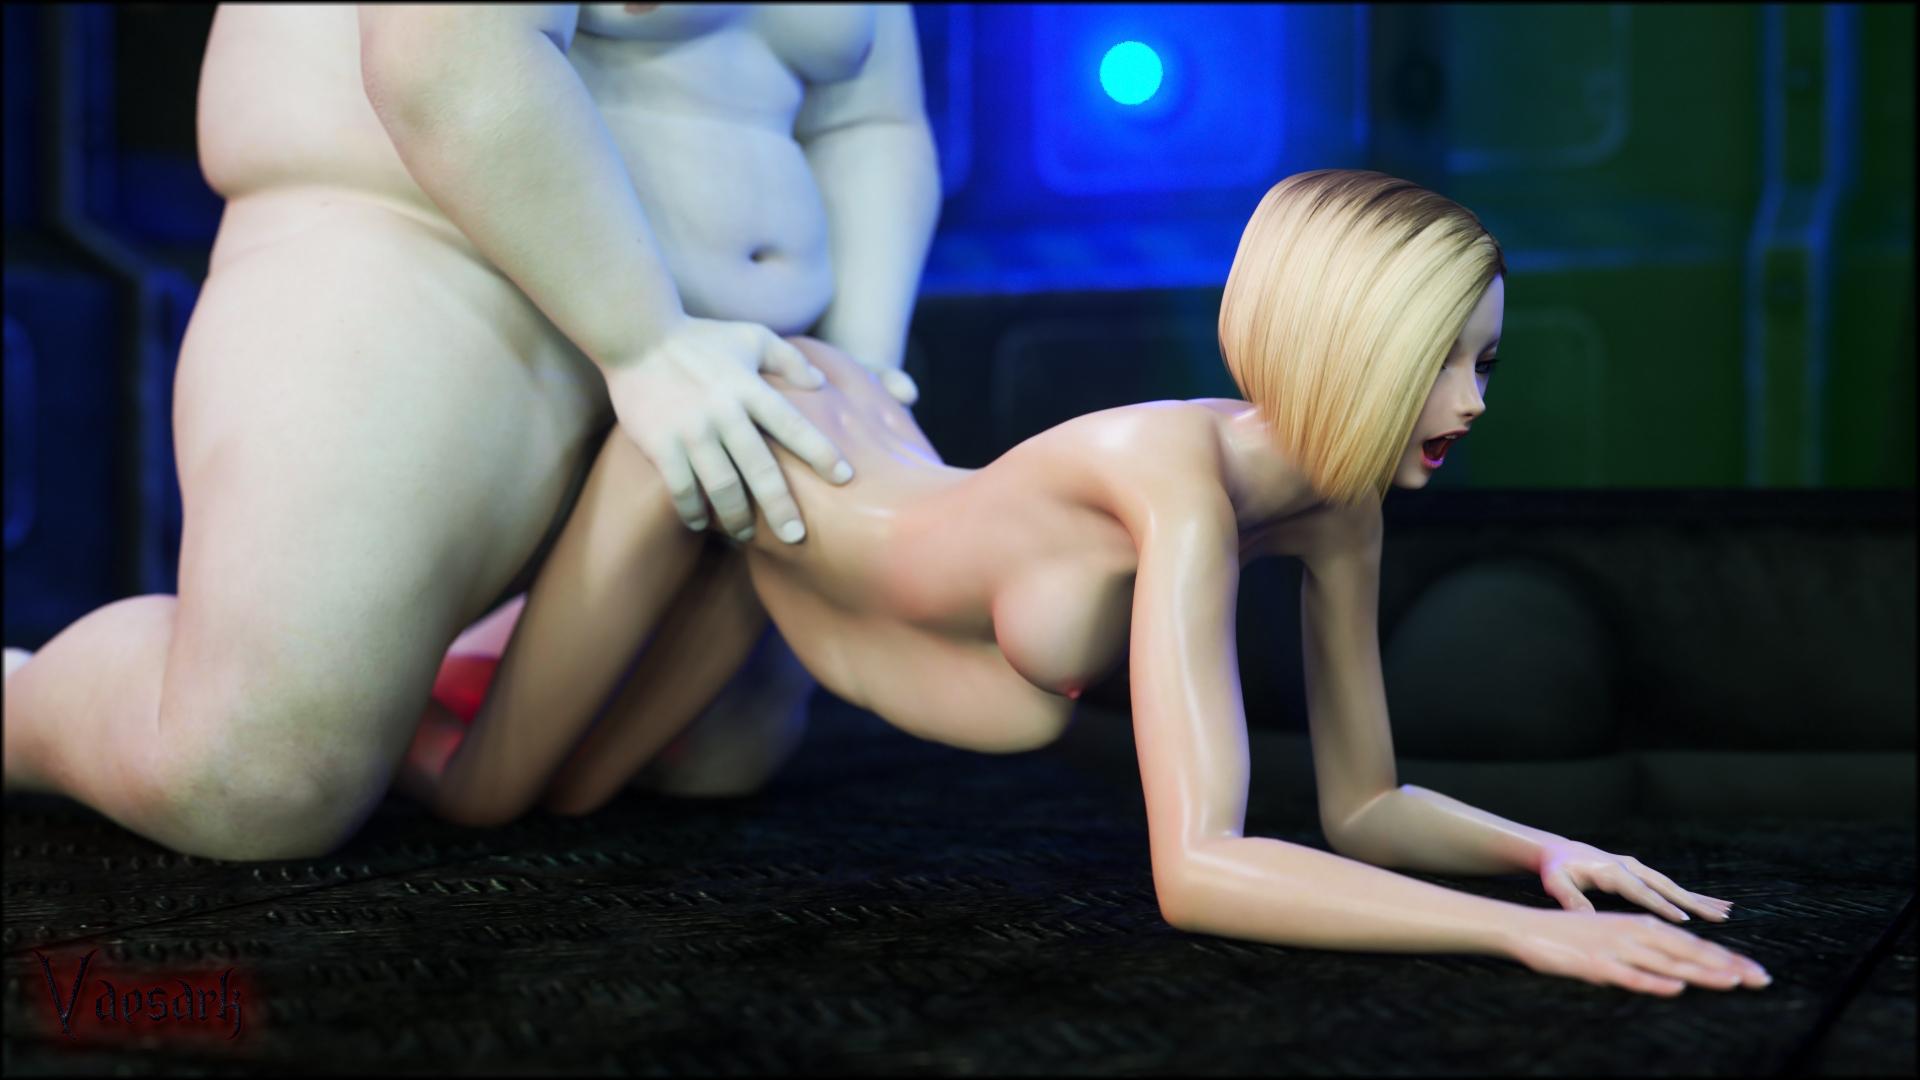 porno  18 vídeos porno gratuitos